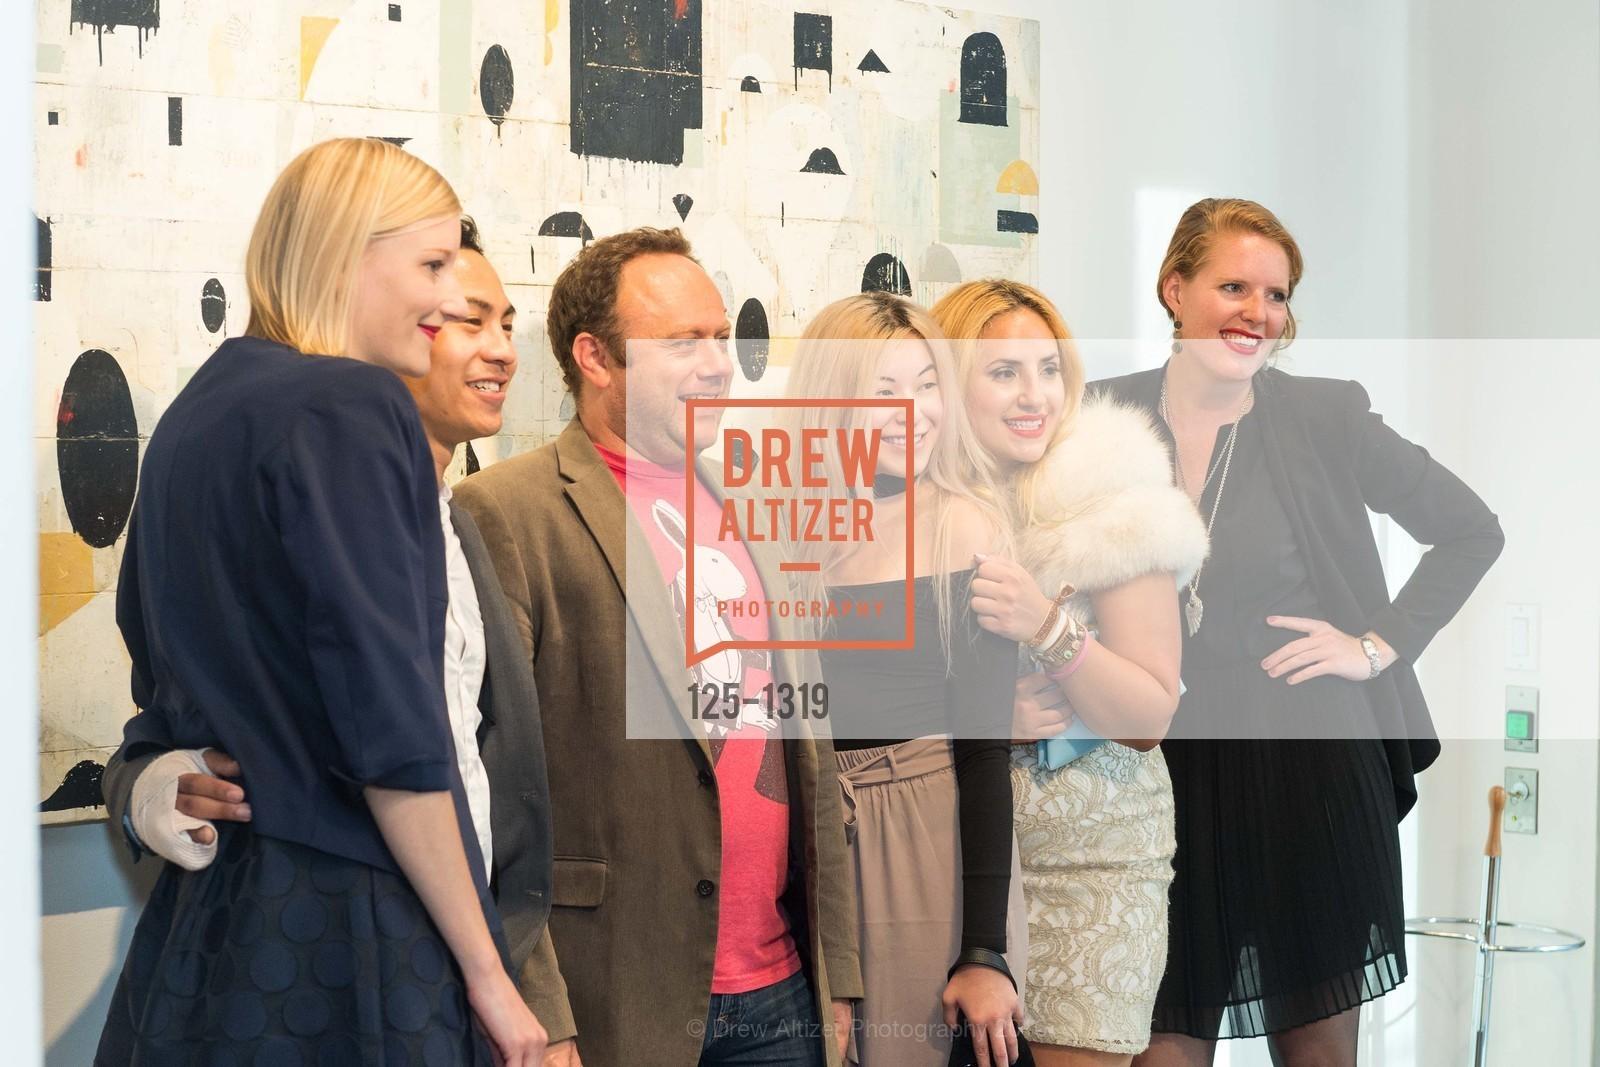 Francesca Weinzierl, Austin Dumlao, Alexander Volchegursky, Ashley Kirkpatrick, Genelle Ruiz, Francisca Amstaetter, Photo #125-1319